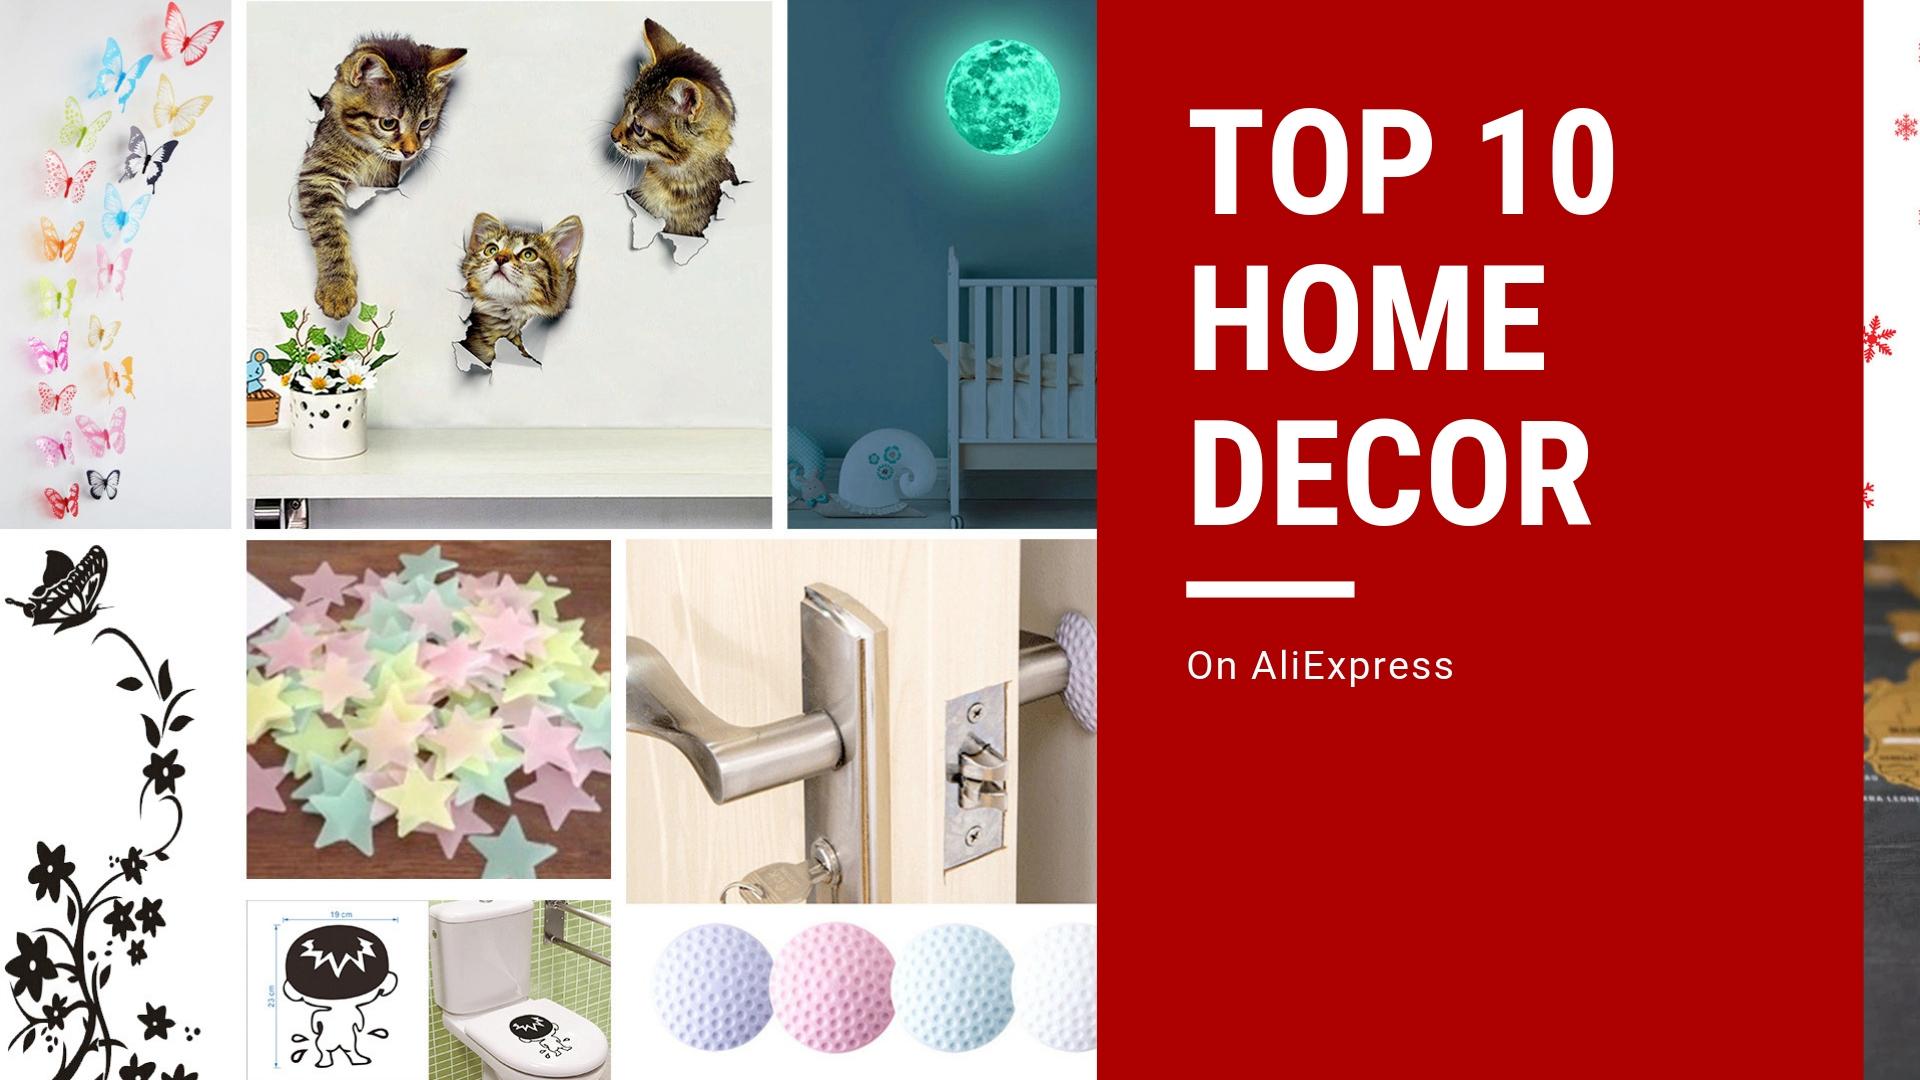 Home Decor Top Ten (Top 10) on AliExpress